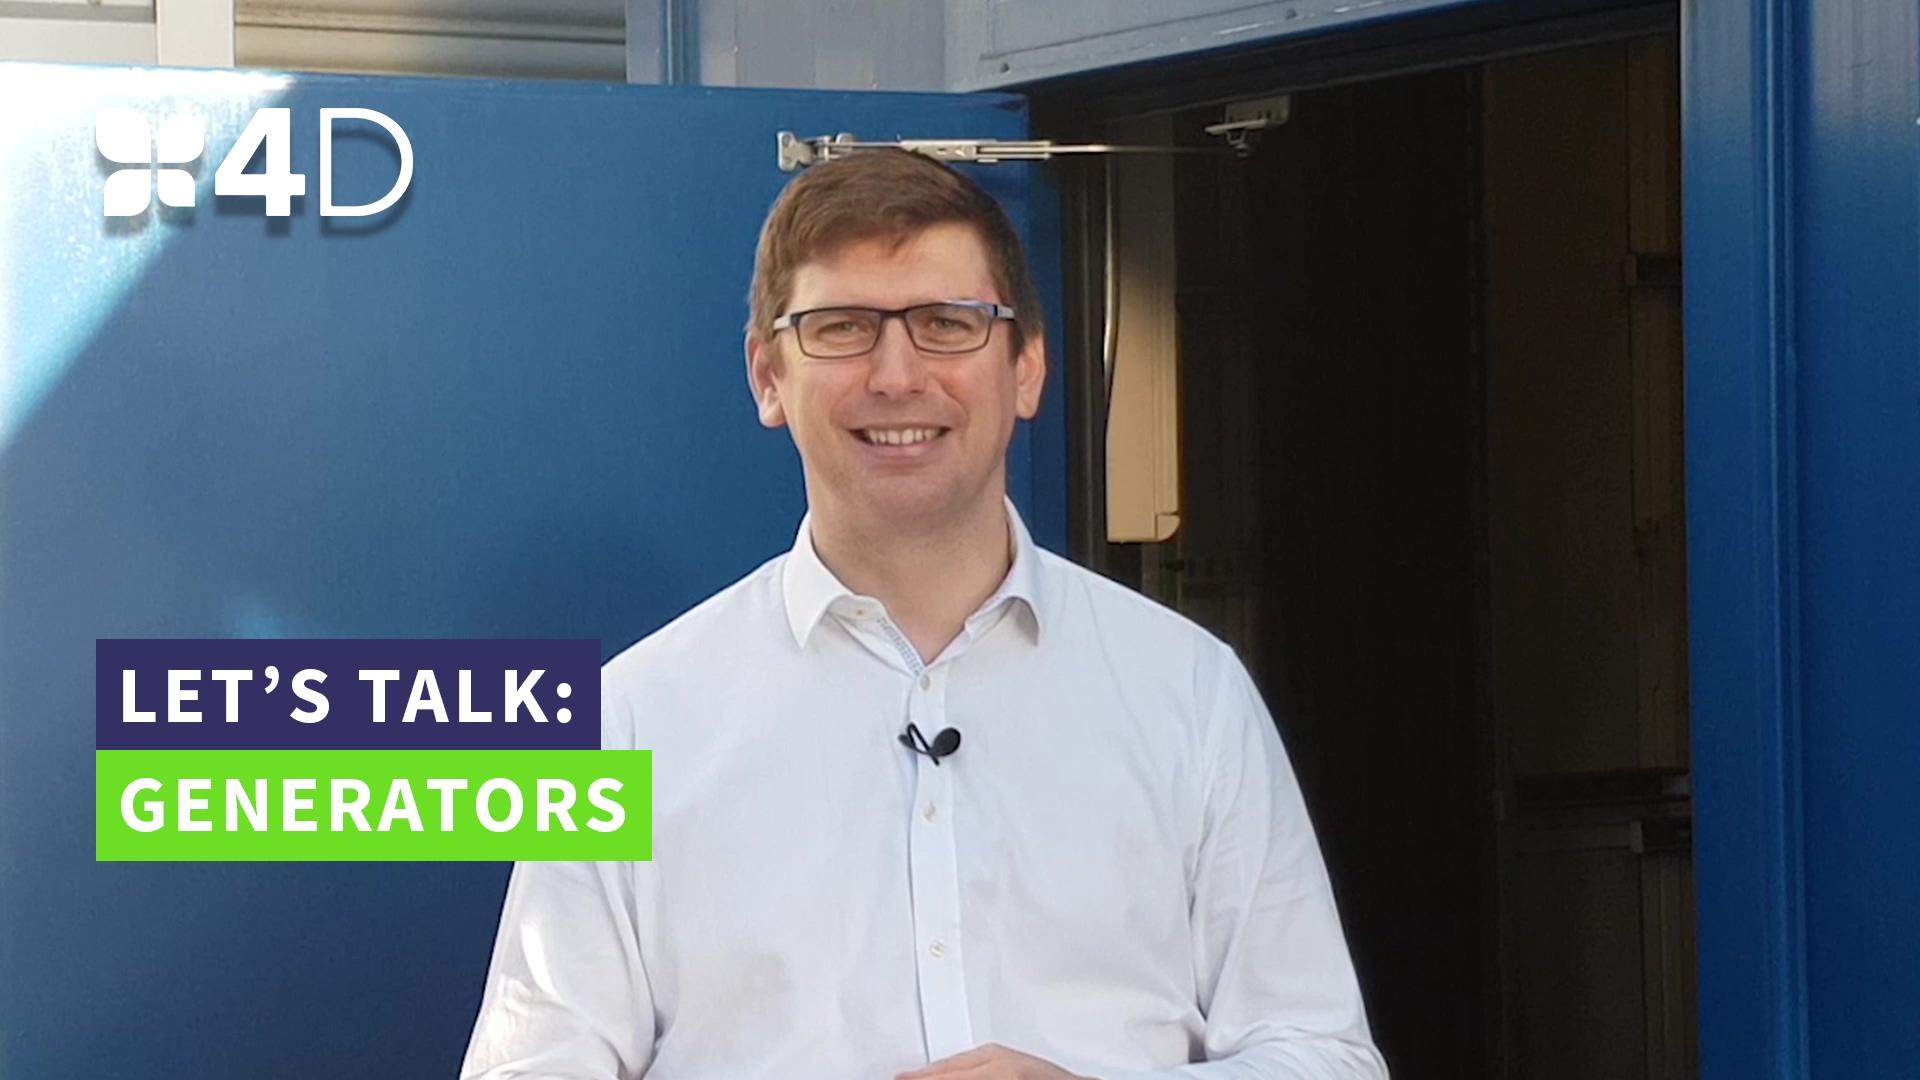 4D - Lets Talk - Generators - ID(Subtitled)v5